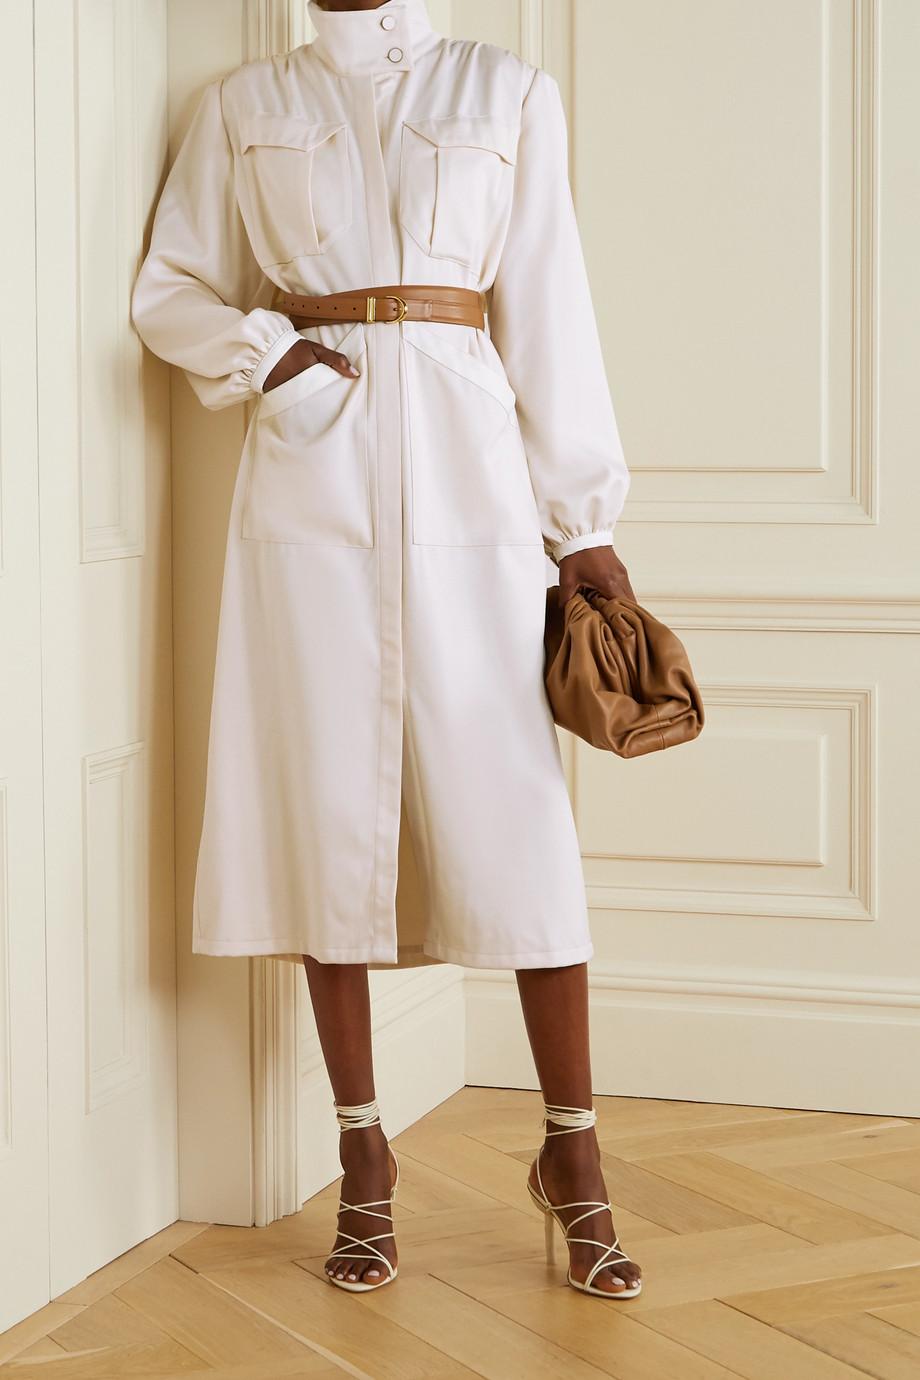 Johanna Ortiz Extra Ornamental wool dress